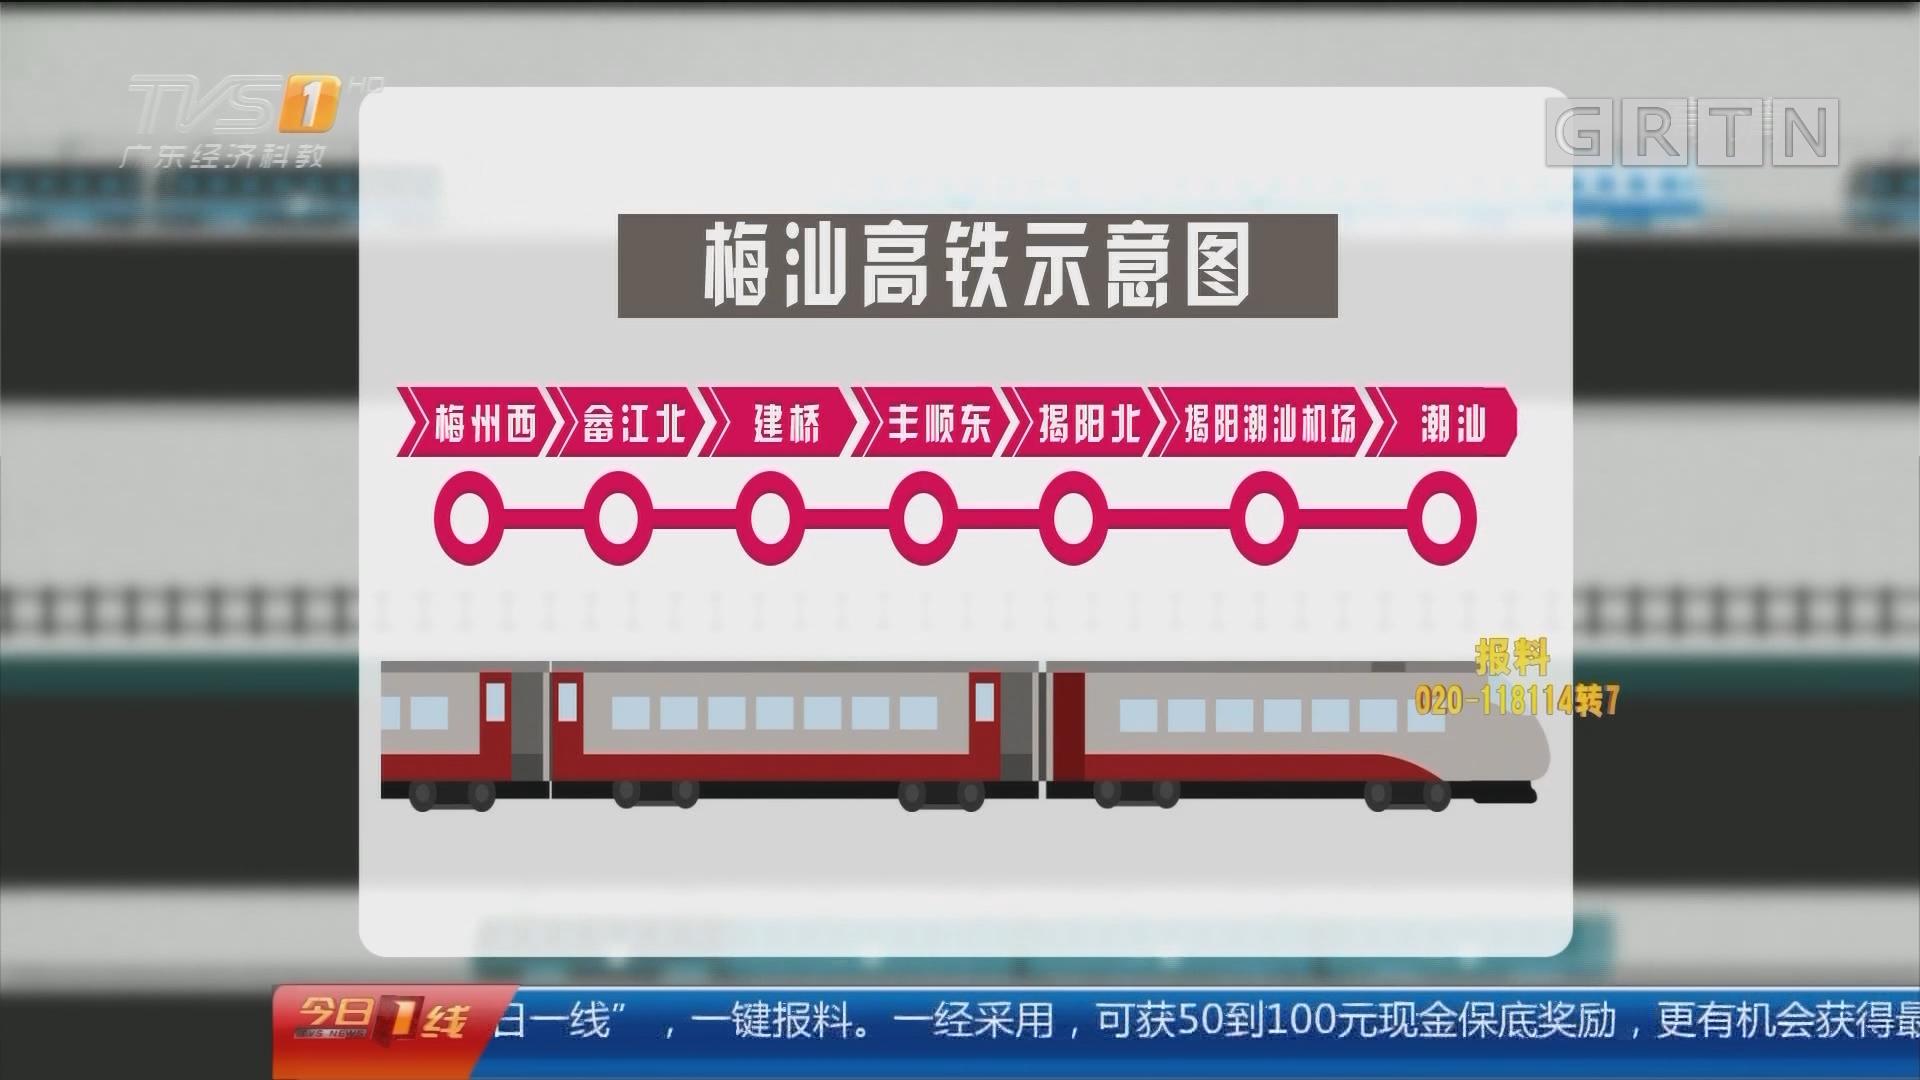 广东高铁新布局:广湛高铁设10个车站 沿线站点进城区